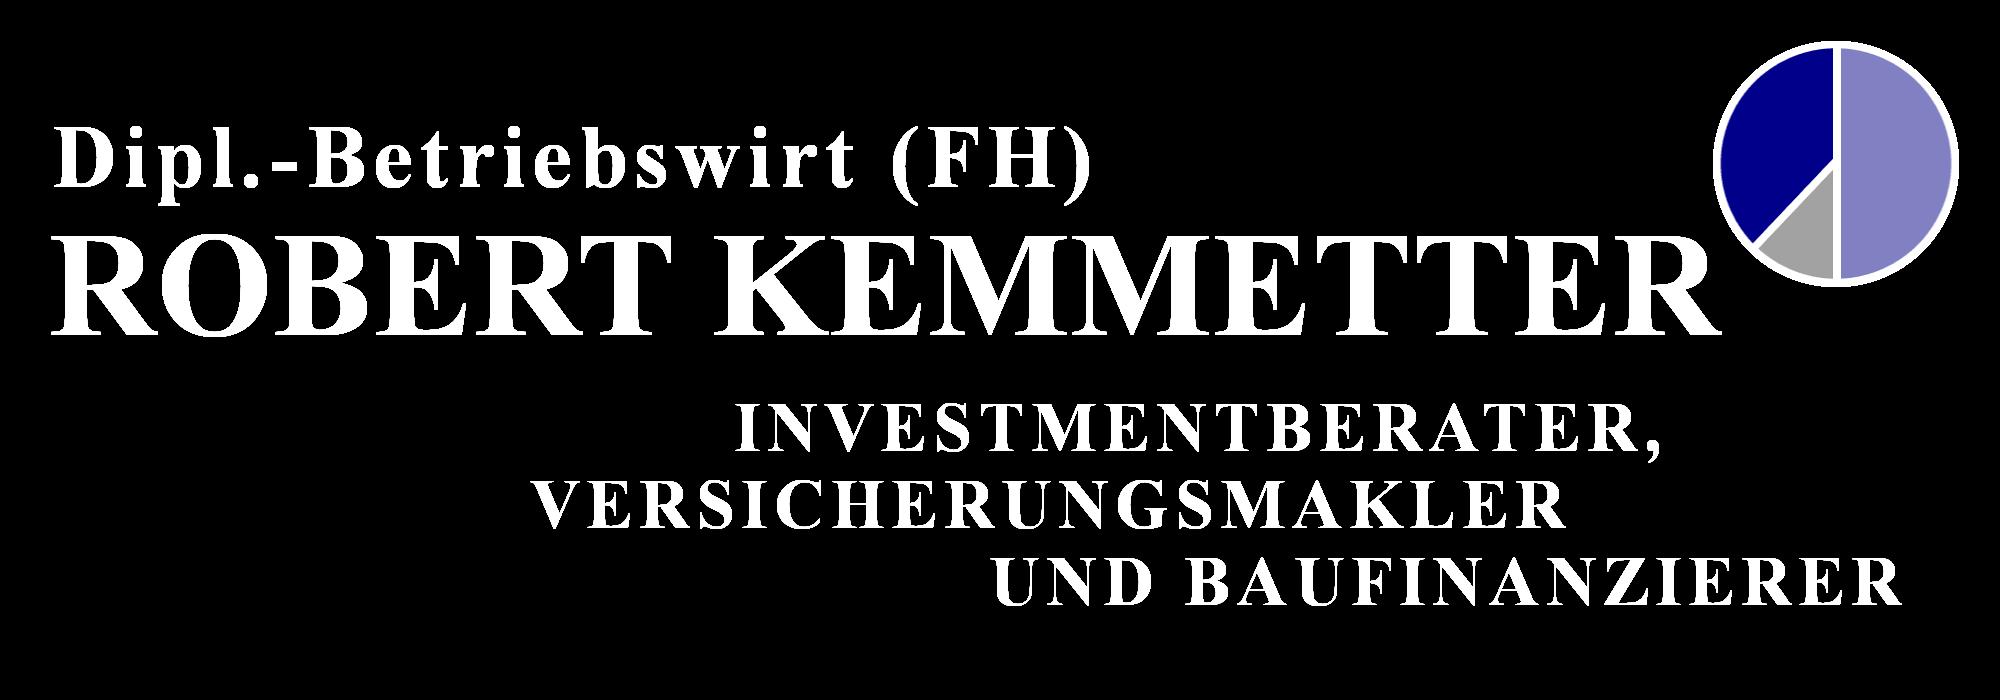 Logo Robert Kemmetter - Investmentberater, Versicherungsmakler und Baufinanzierer